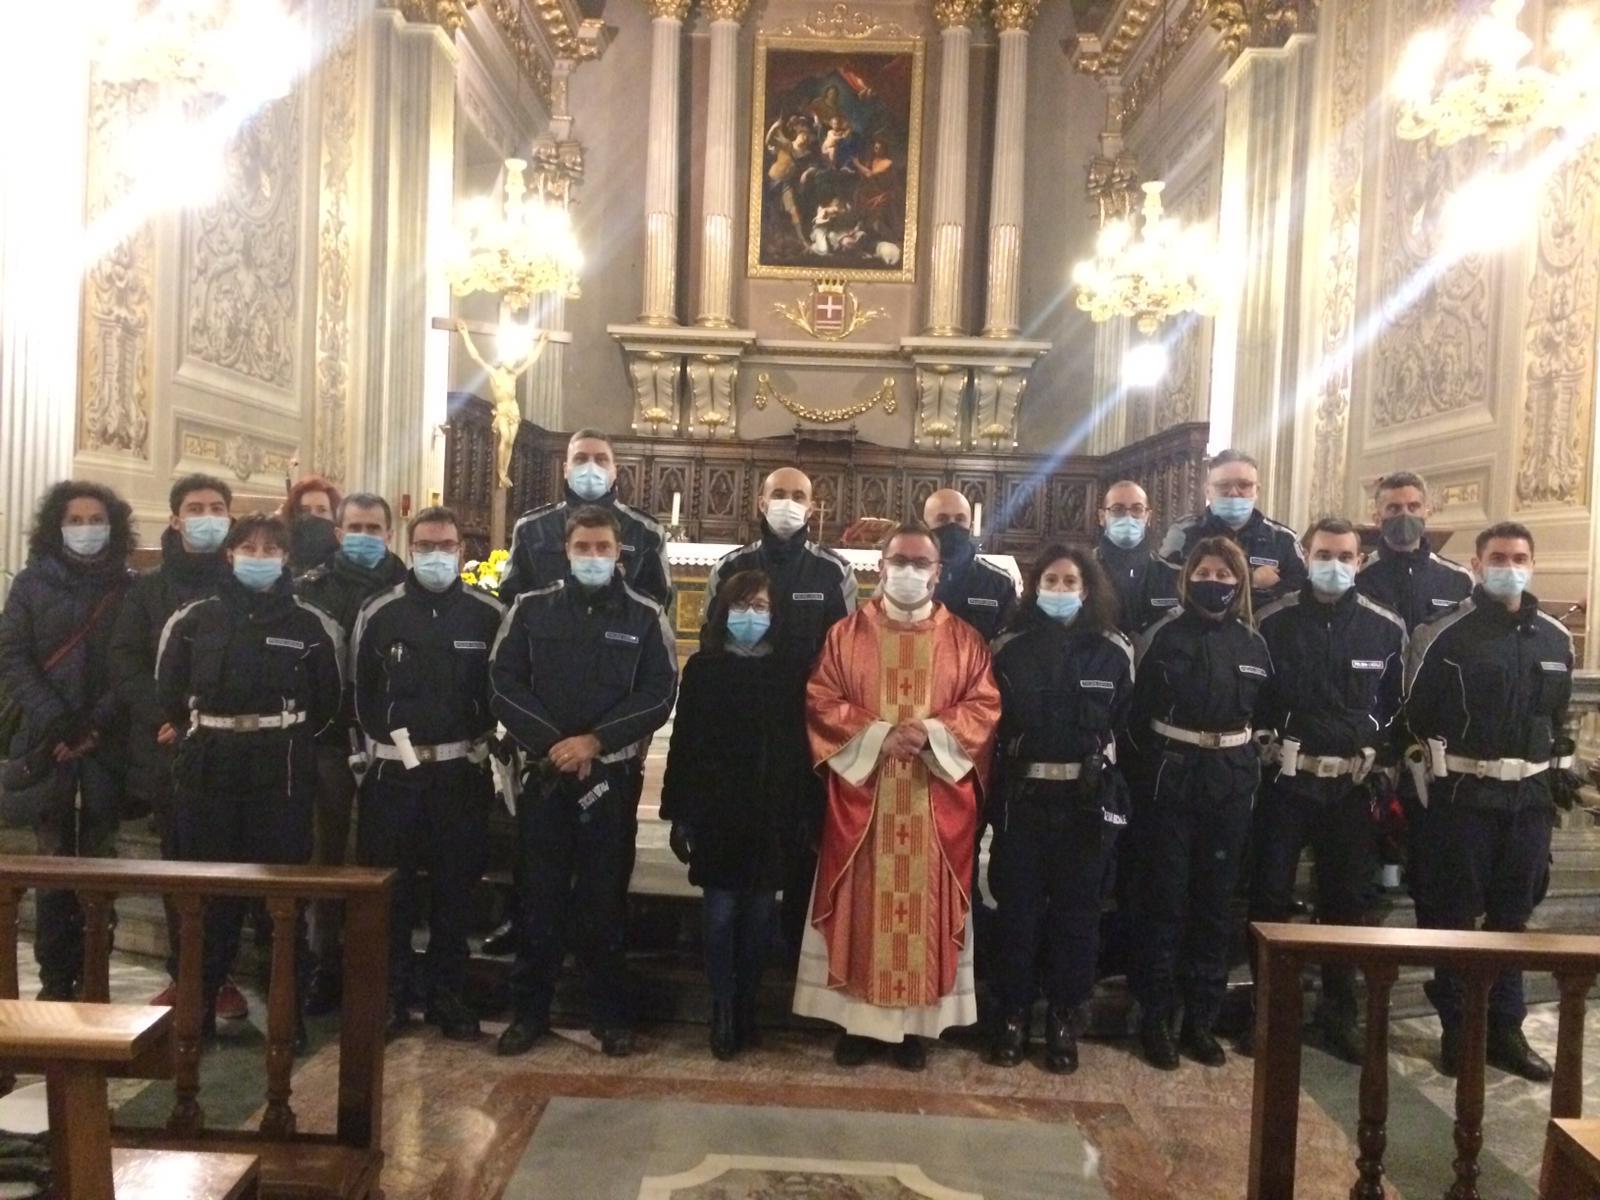 Messa per San Sebastiano, patrono della Polizia locale